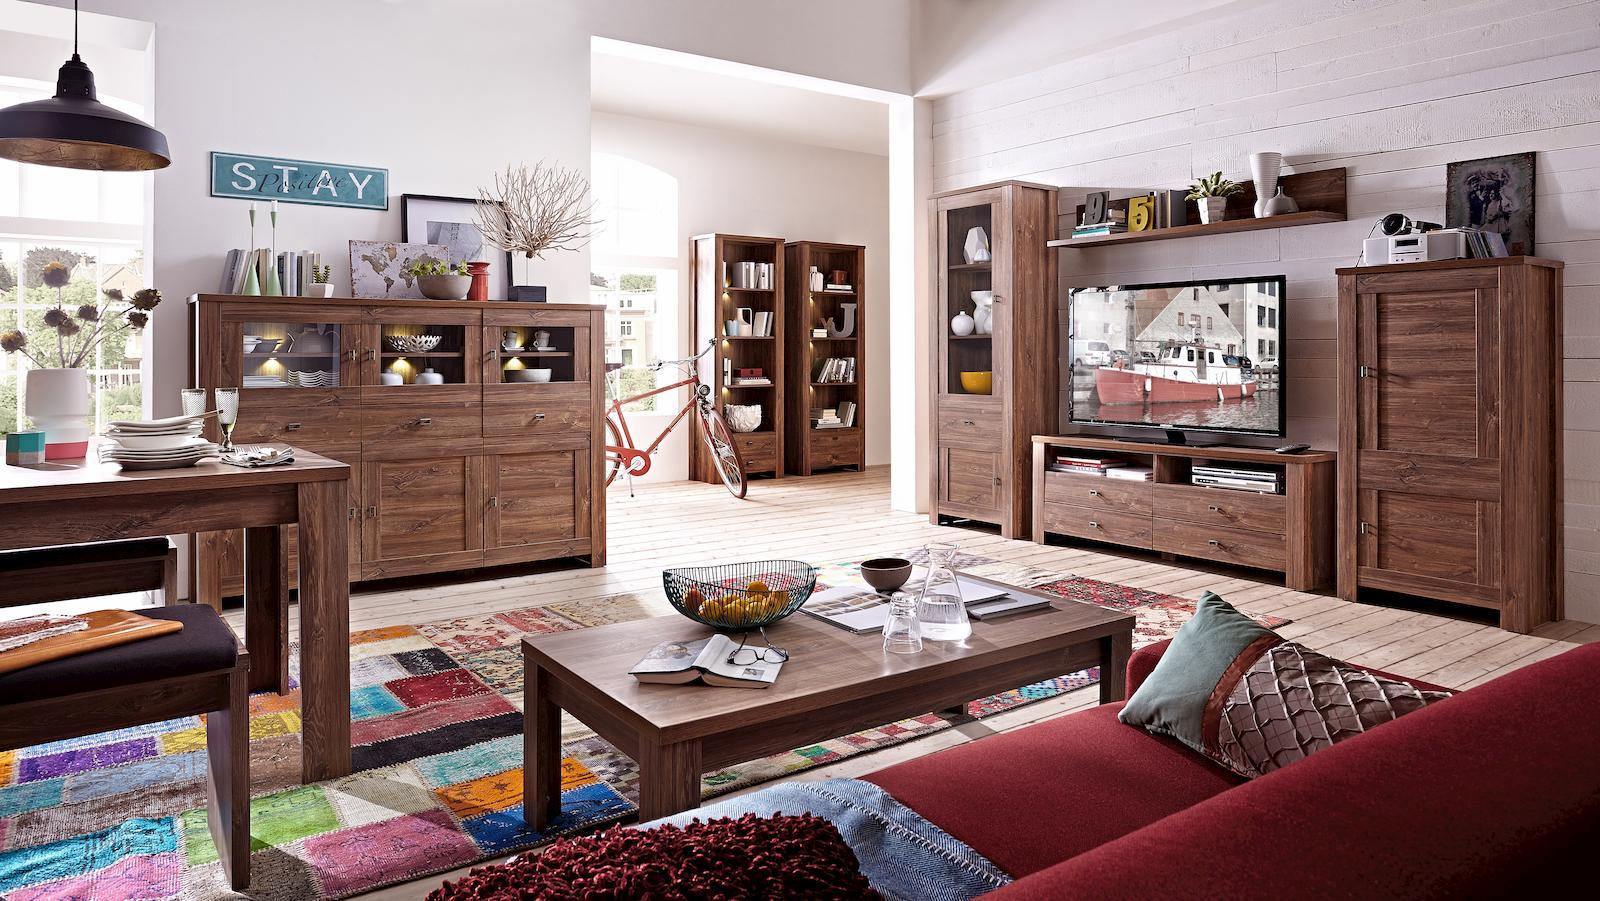 Die Schönen Brauntöne Der Wohnwand Bellatrix Wirken Warm Und Zeitgemäß Und  Schaffen Eine Schöne Atmosphäre Im Wohnzimmer Und Eingangsbereich.